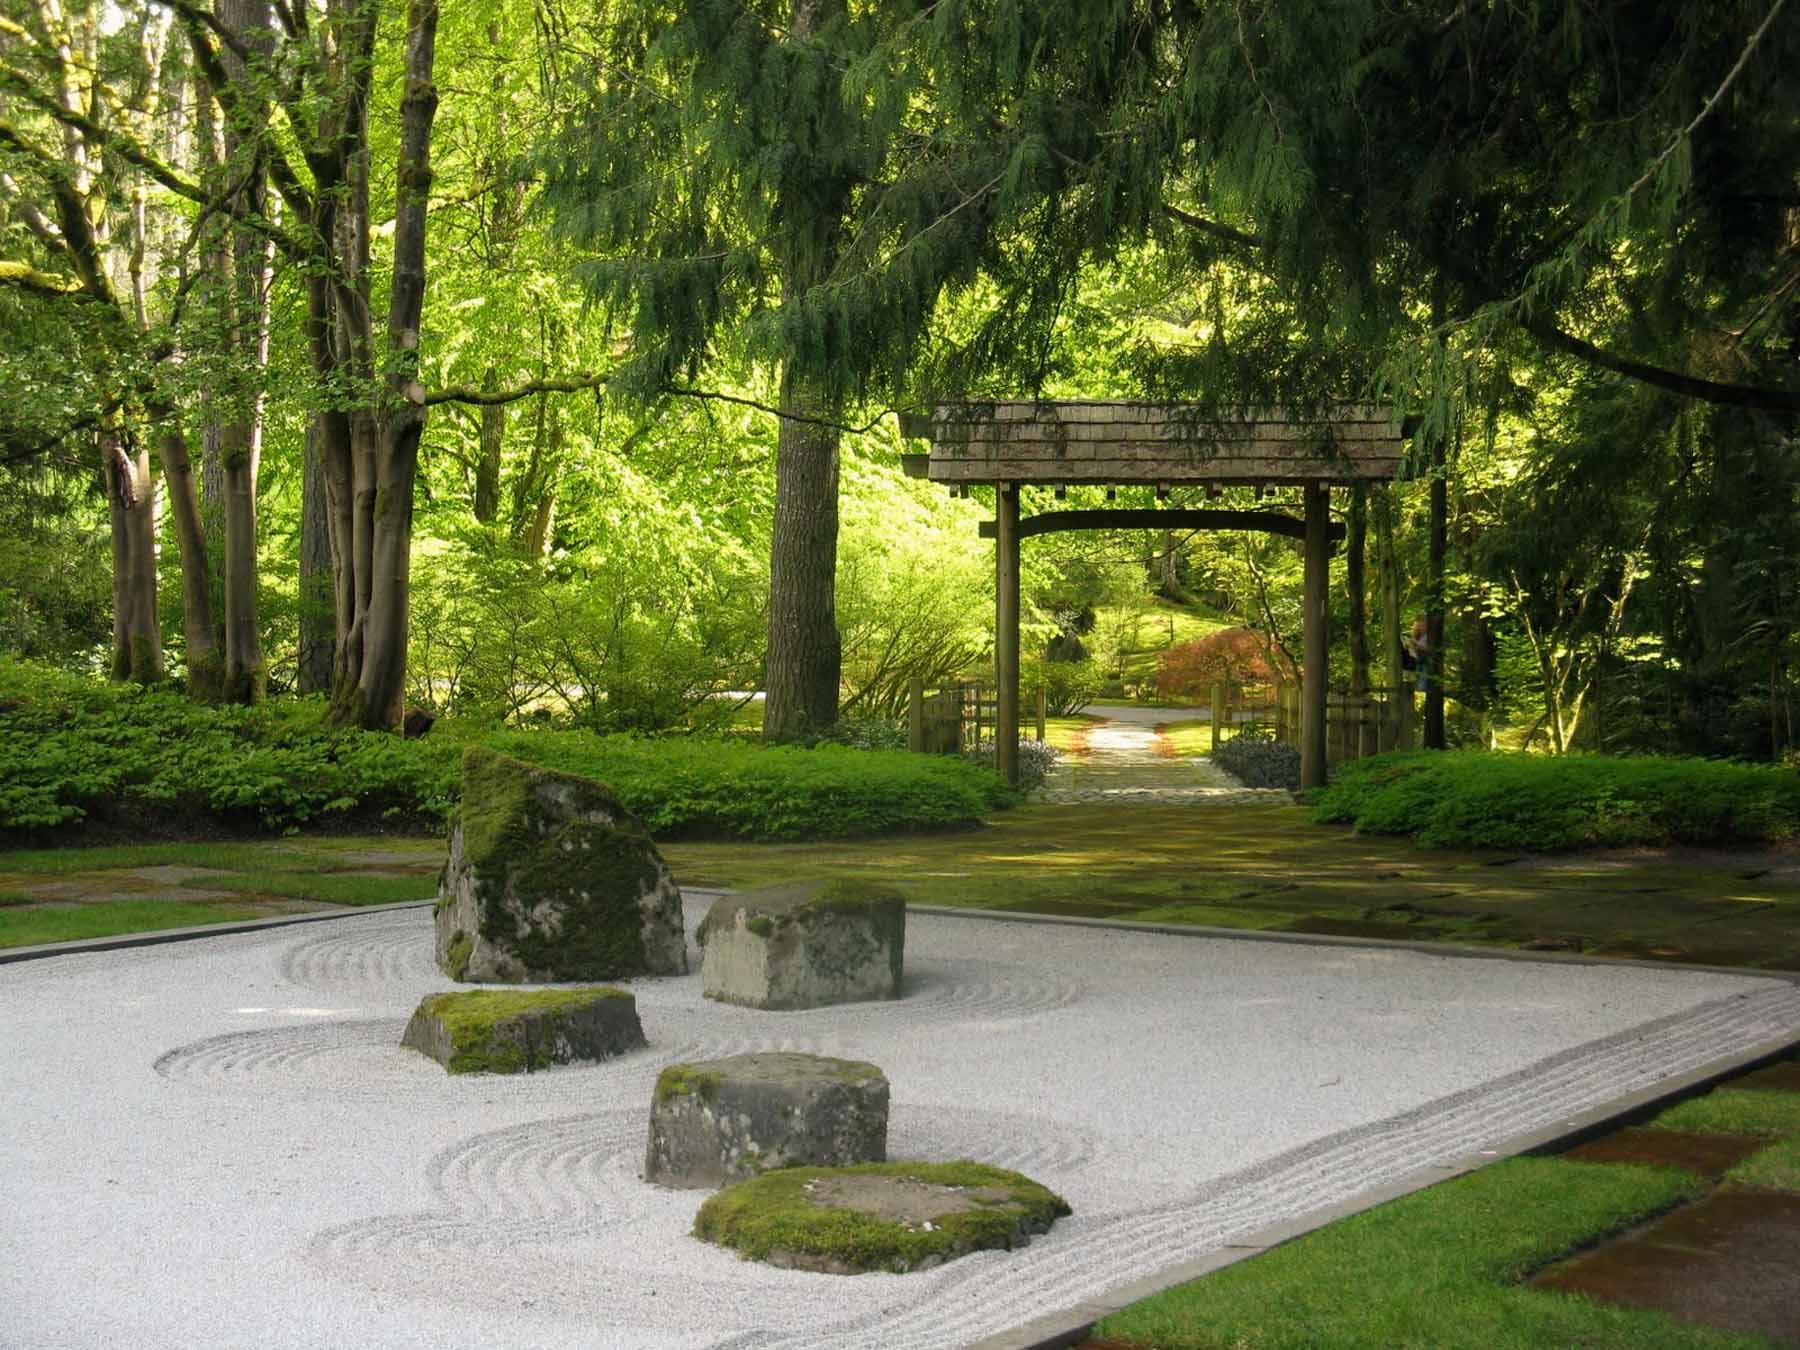 piante per giardino zen come sceglierle. Black Bedroom Furniture Sets. Home Design Ideas